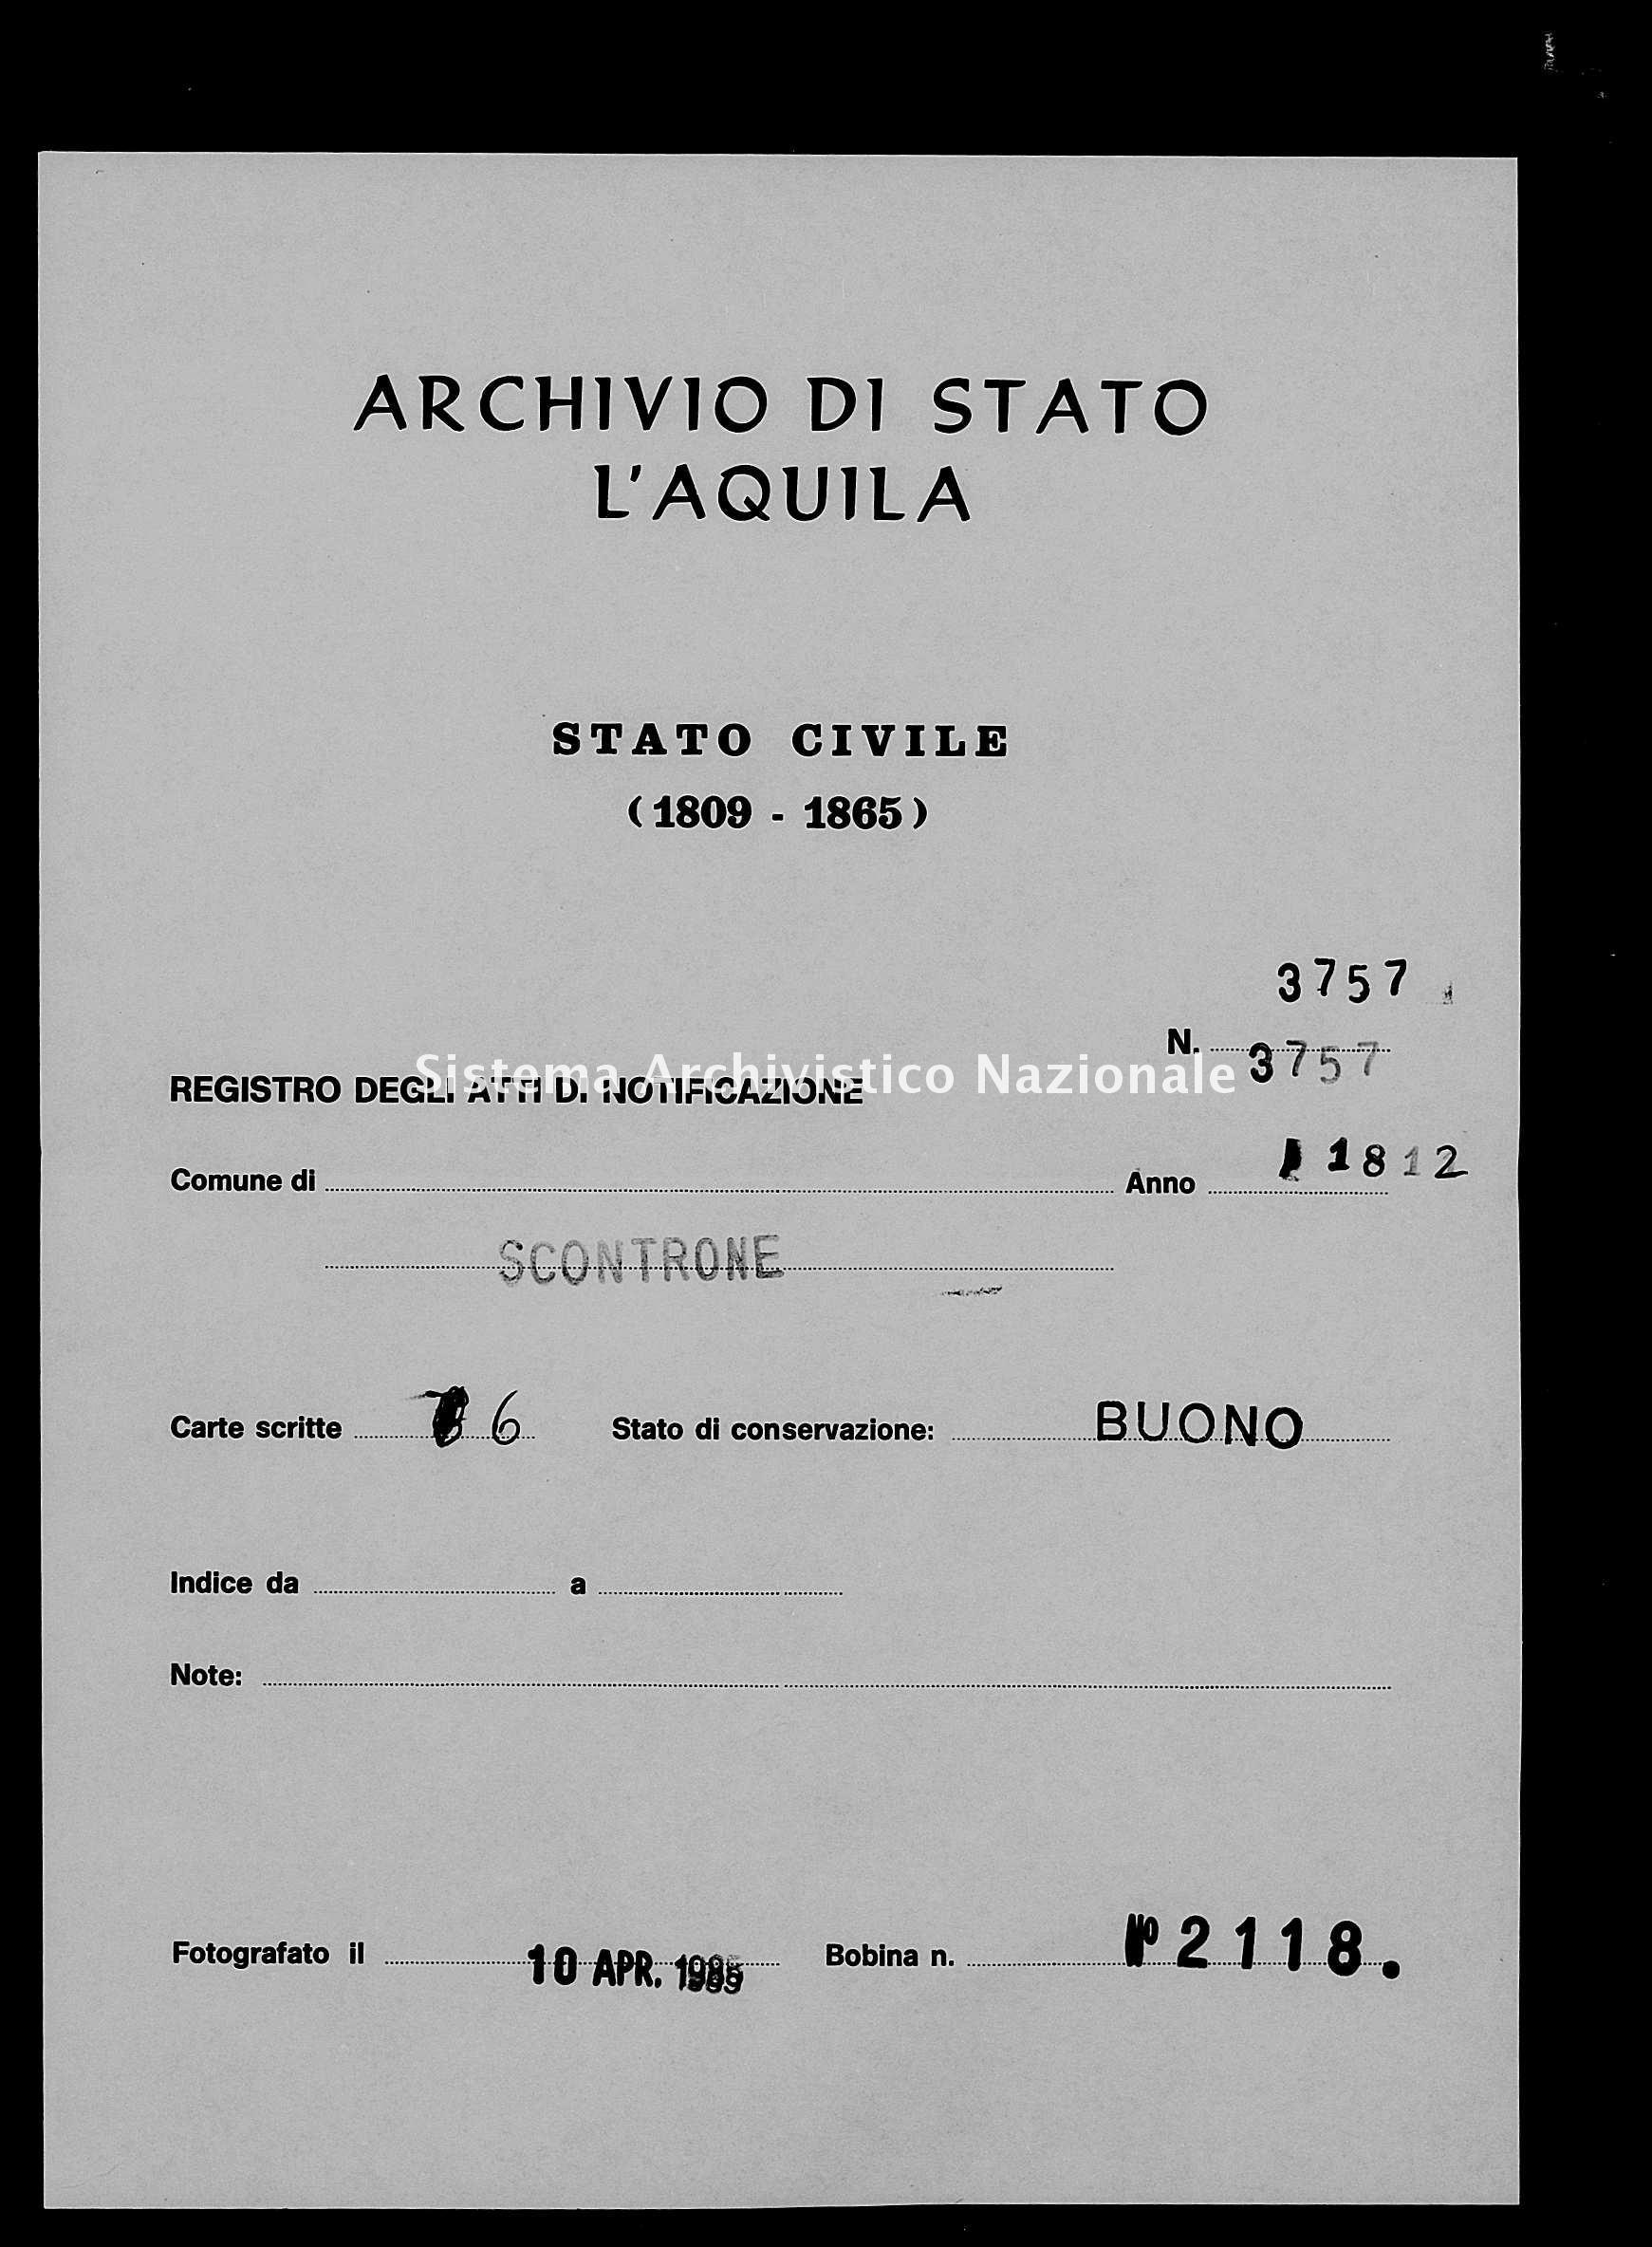 Archivio di stato di L'aquila - Stato civile napoleonico - Scontrone - Matrimoni, pubblicazioni - 1812 - 3757 -